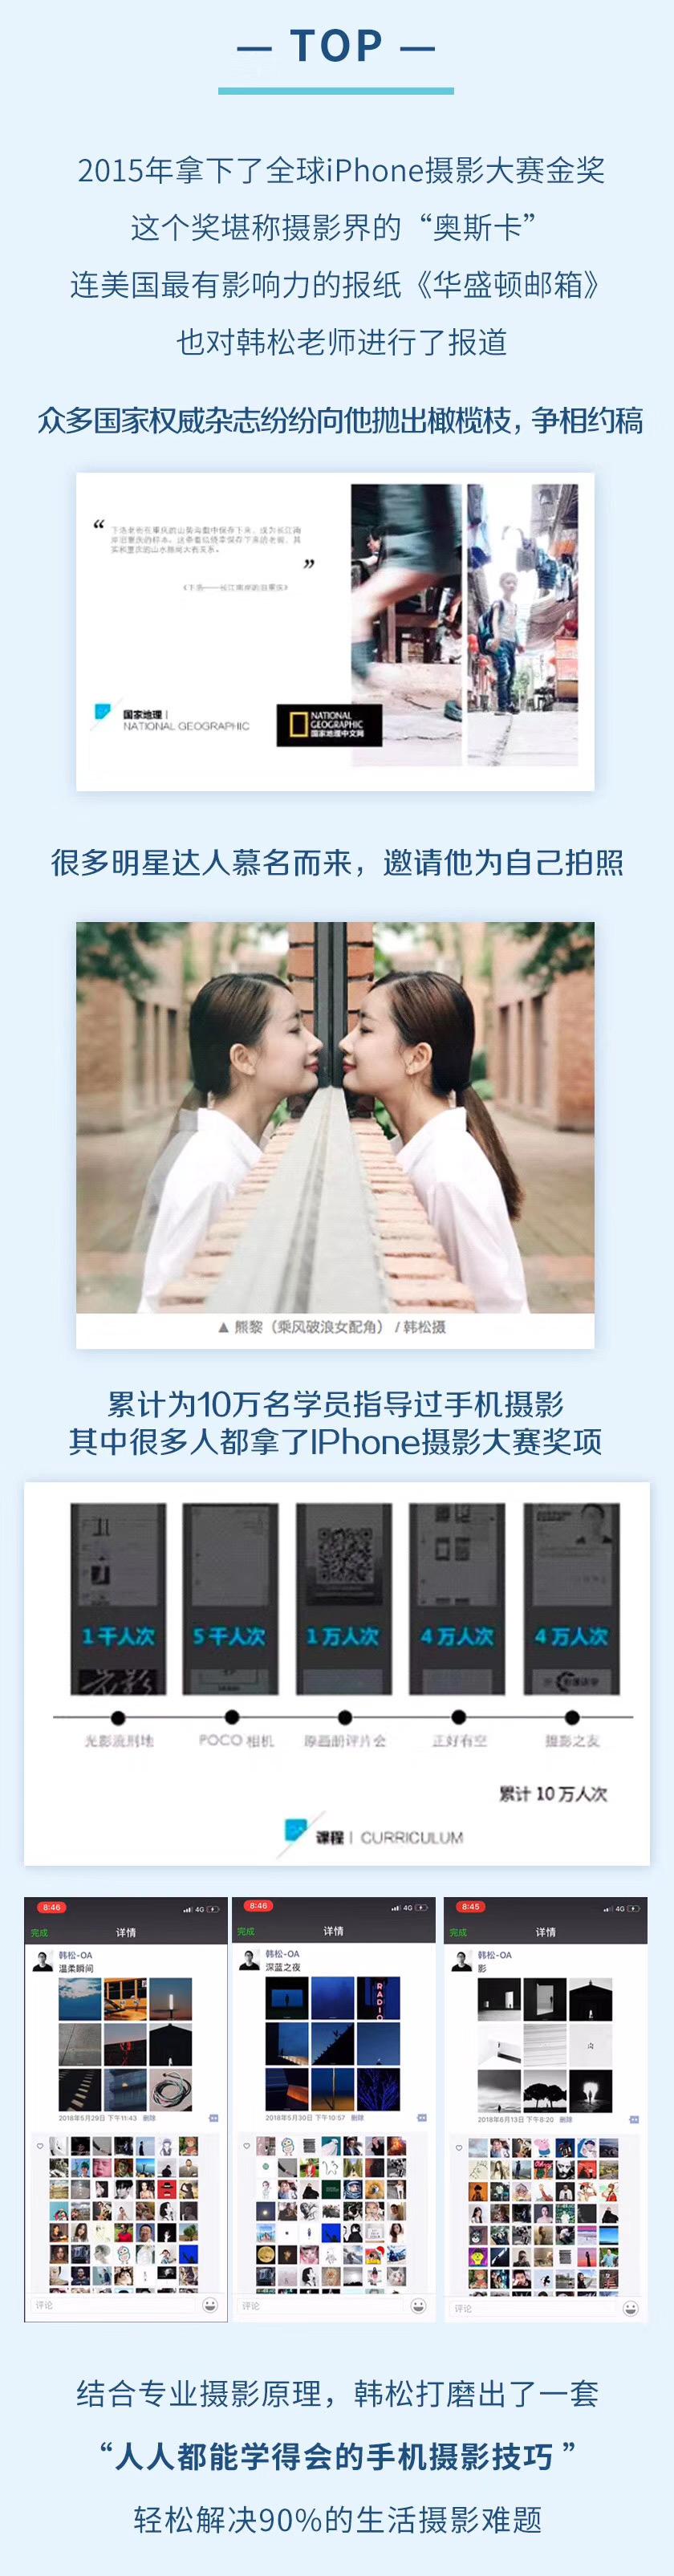 手机摄影课程#手机摄影技巧_人像构图光线色调全搞定3